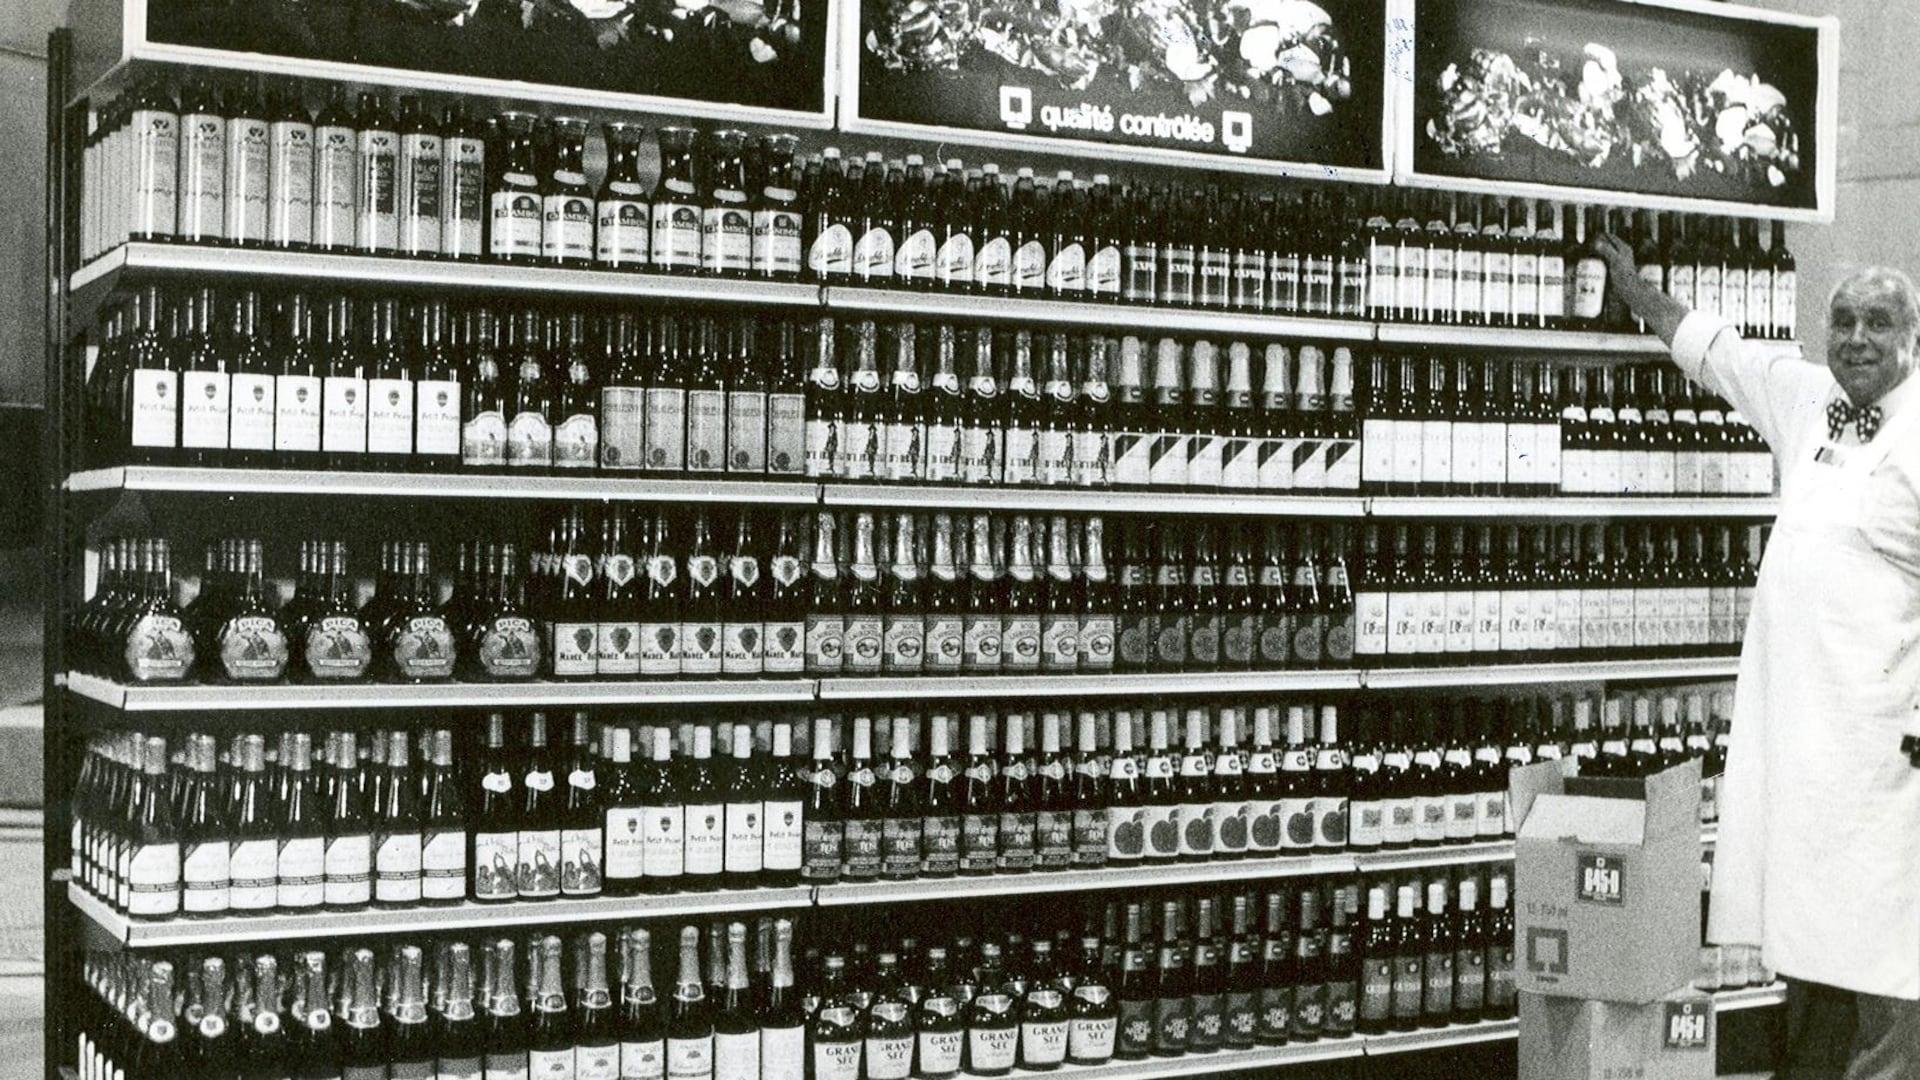 Un présentoir en usine, chargé de bouteilles de la SAQ. Un commis grisonnant et affable en tablier blanc et noeud papillon est en train d'aligner les dernières bouteilles sous l'oeil du photographe.